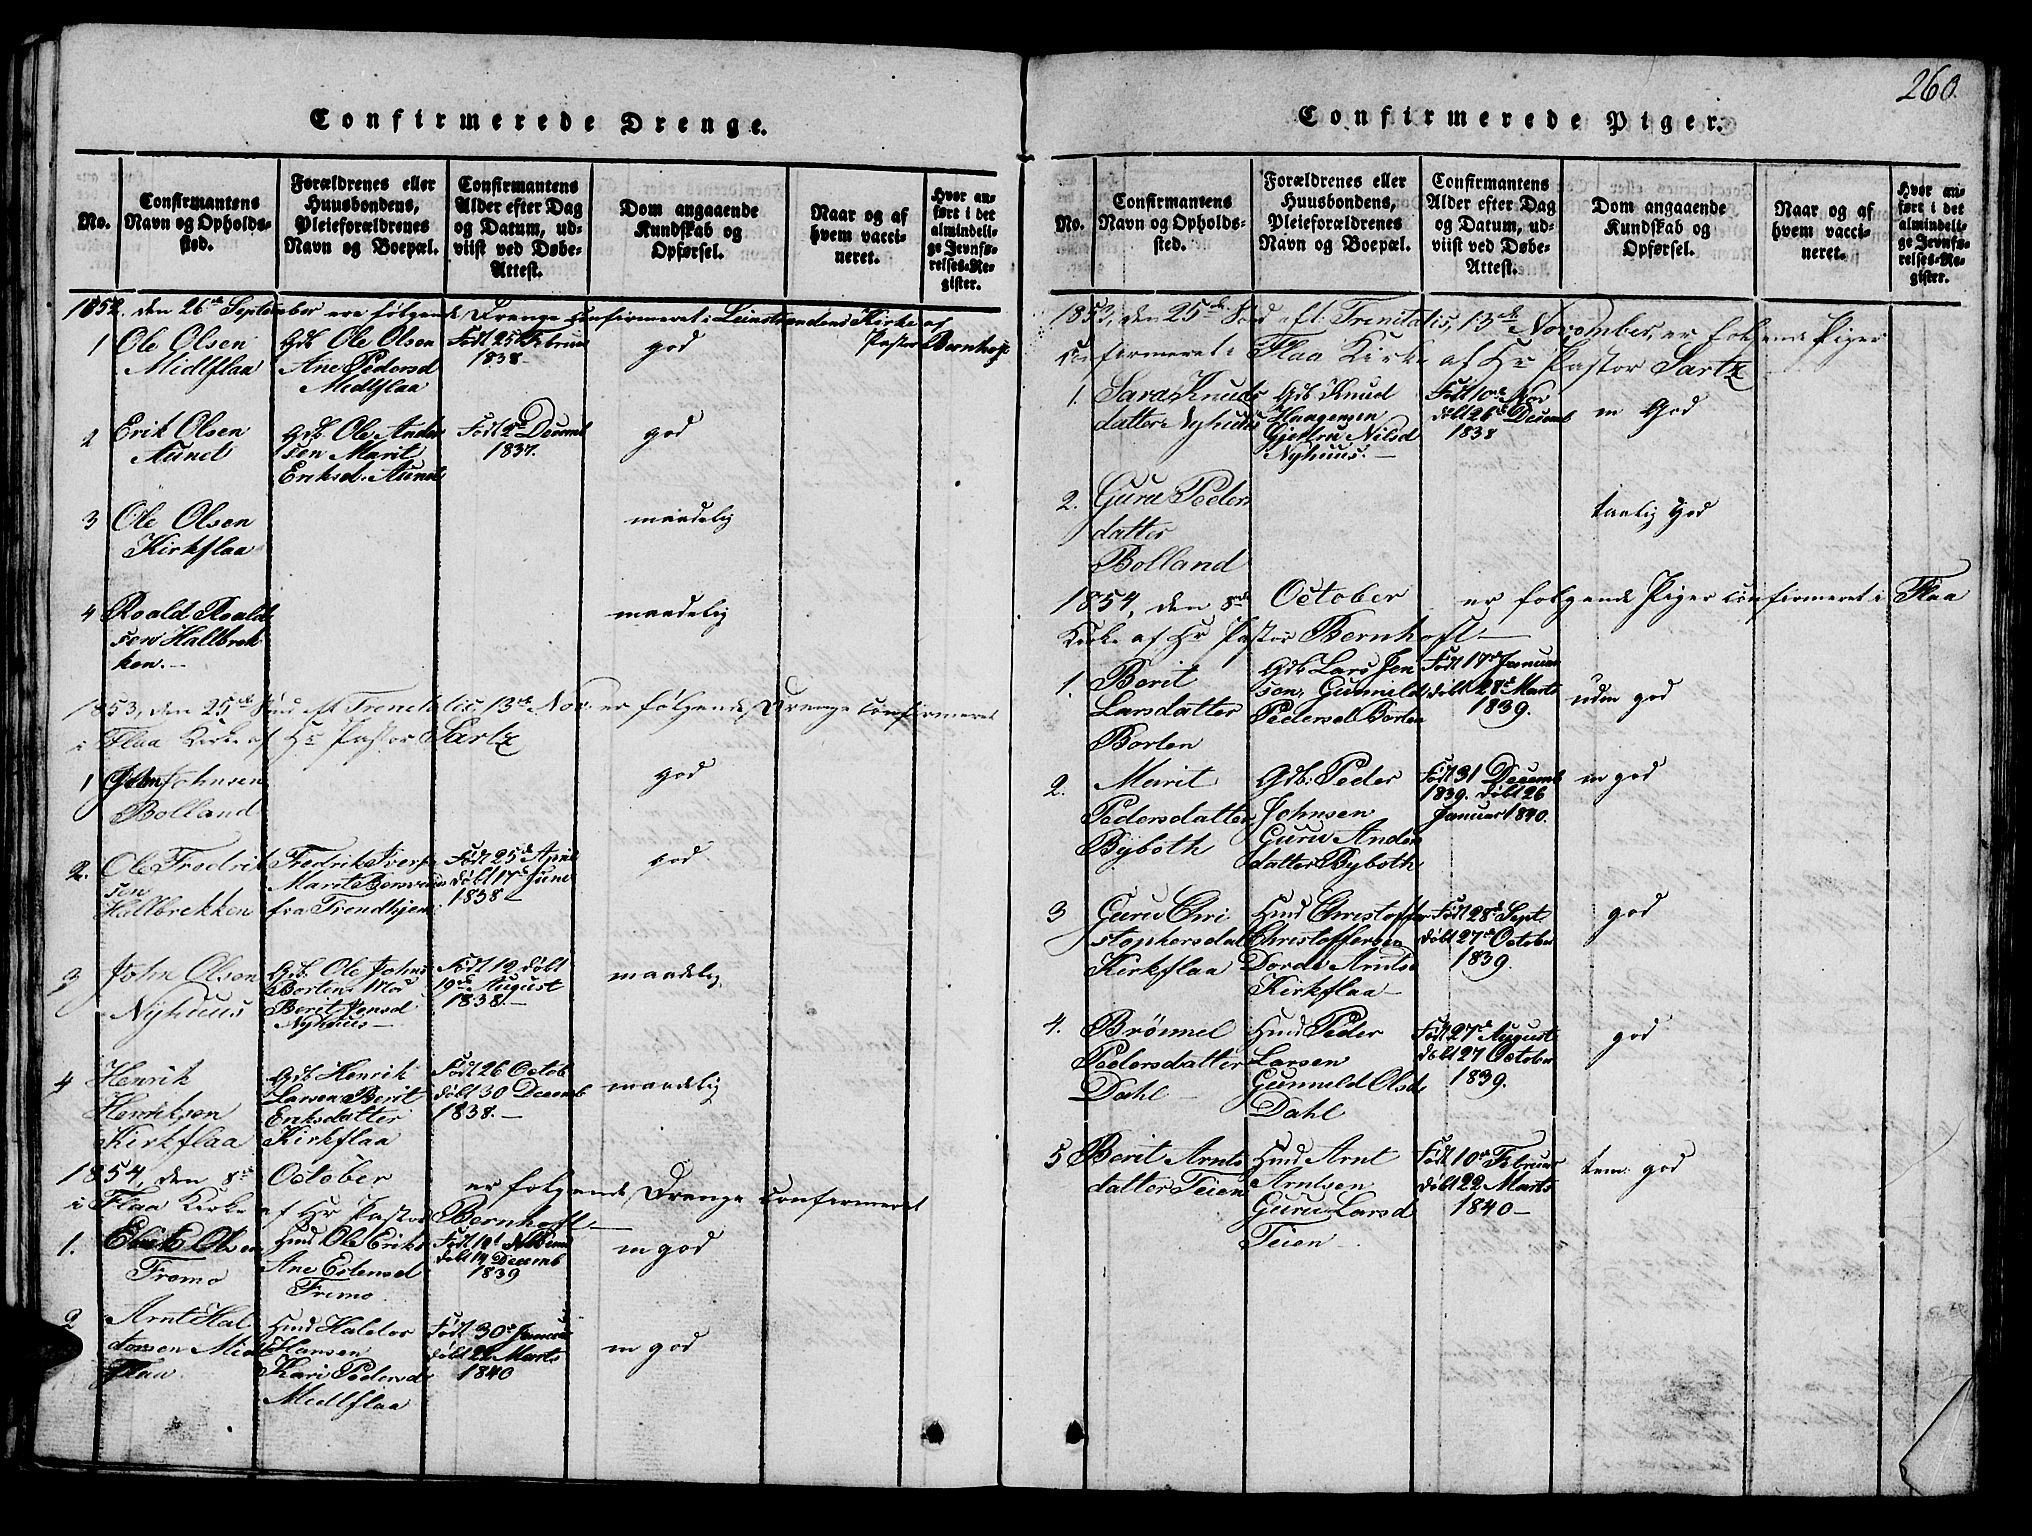 SAT, Ministerialprotokoller, klokkerbøker og fødselsregistre - Sør-Trøndelag, 693/L1121: Klokkerbok nr. 693C02, 1816-1869, s. 260